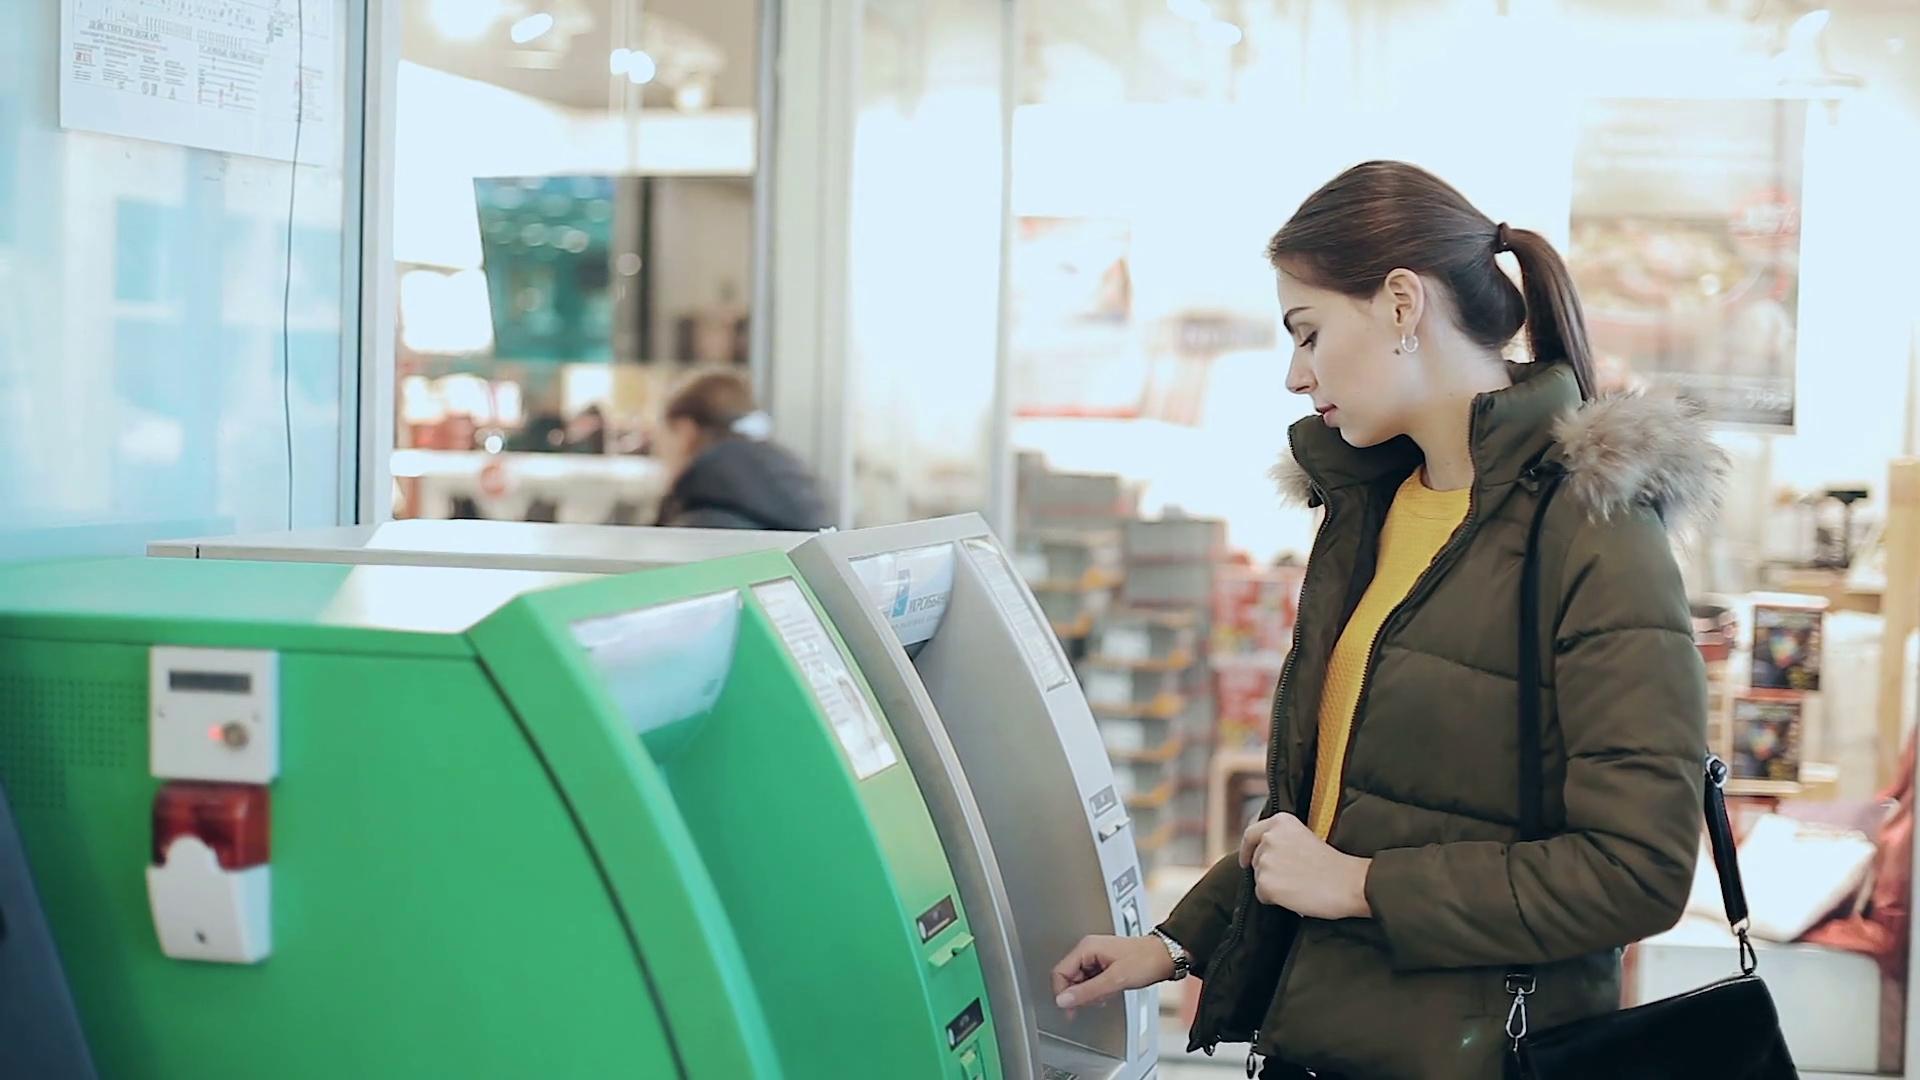 Millennial at ATM